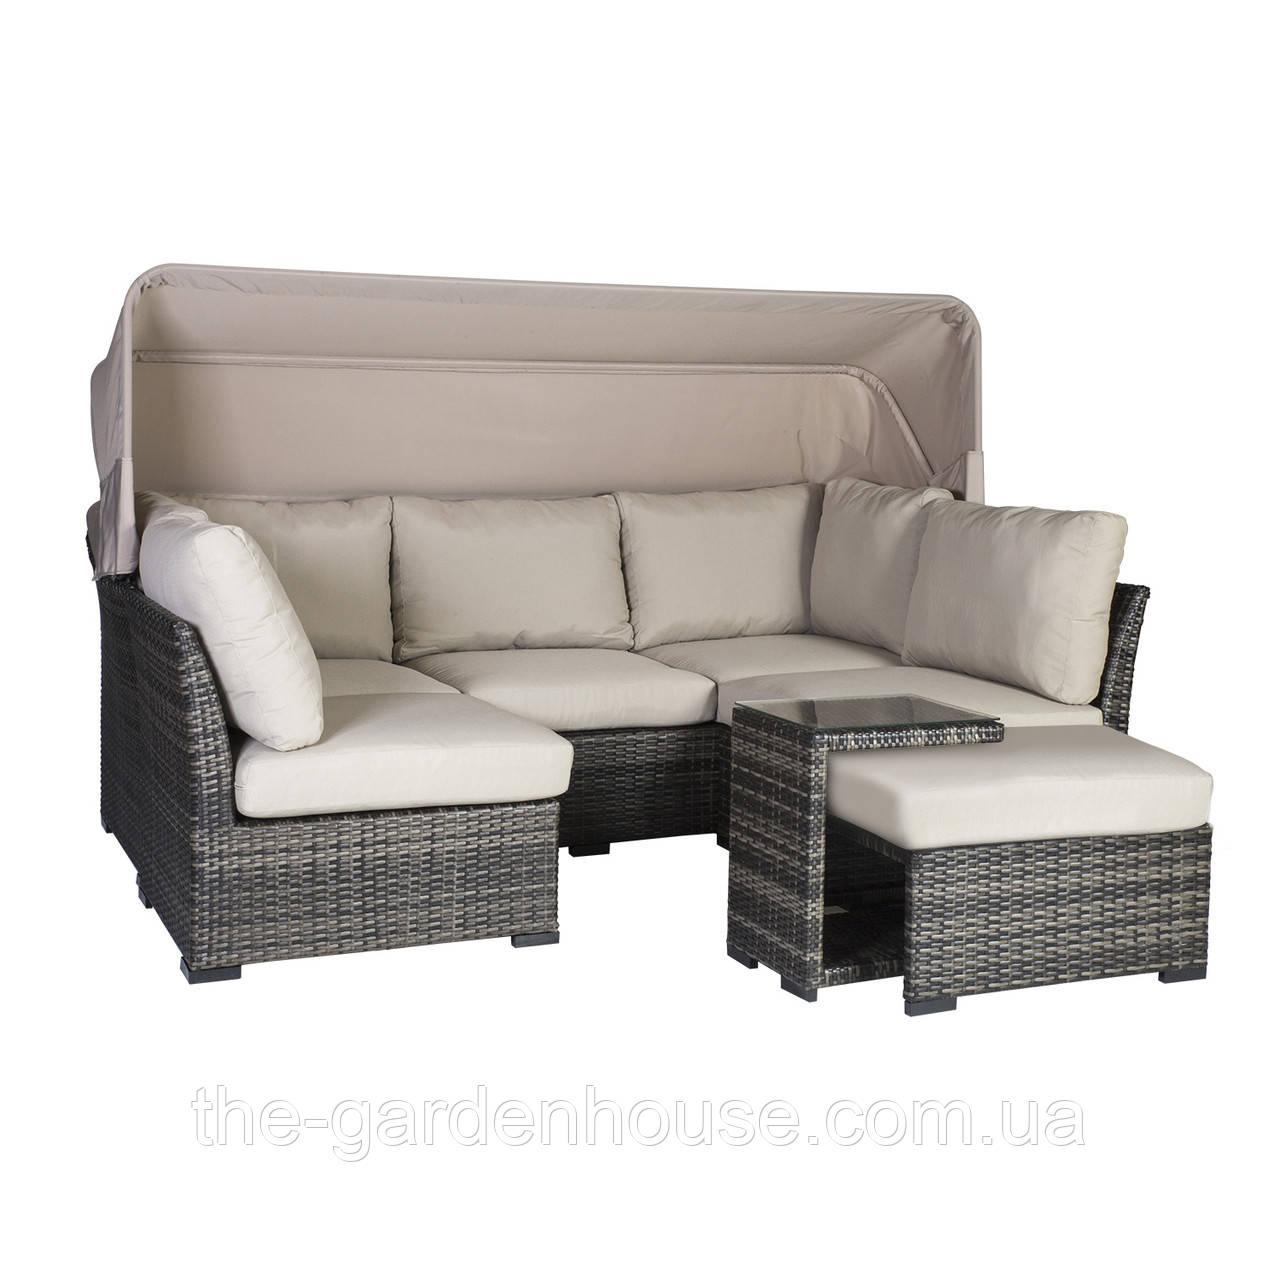 Модульный диванный набор Valora из искусственного ротанга с навесом коричневый